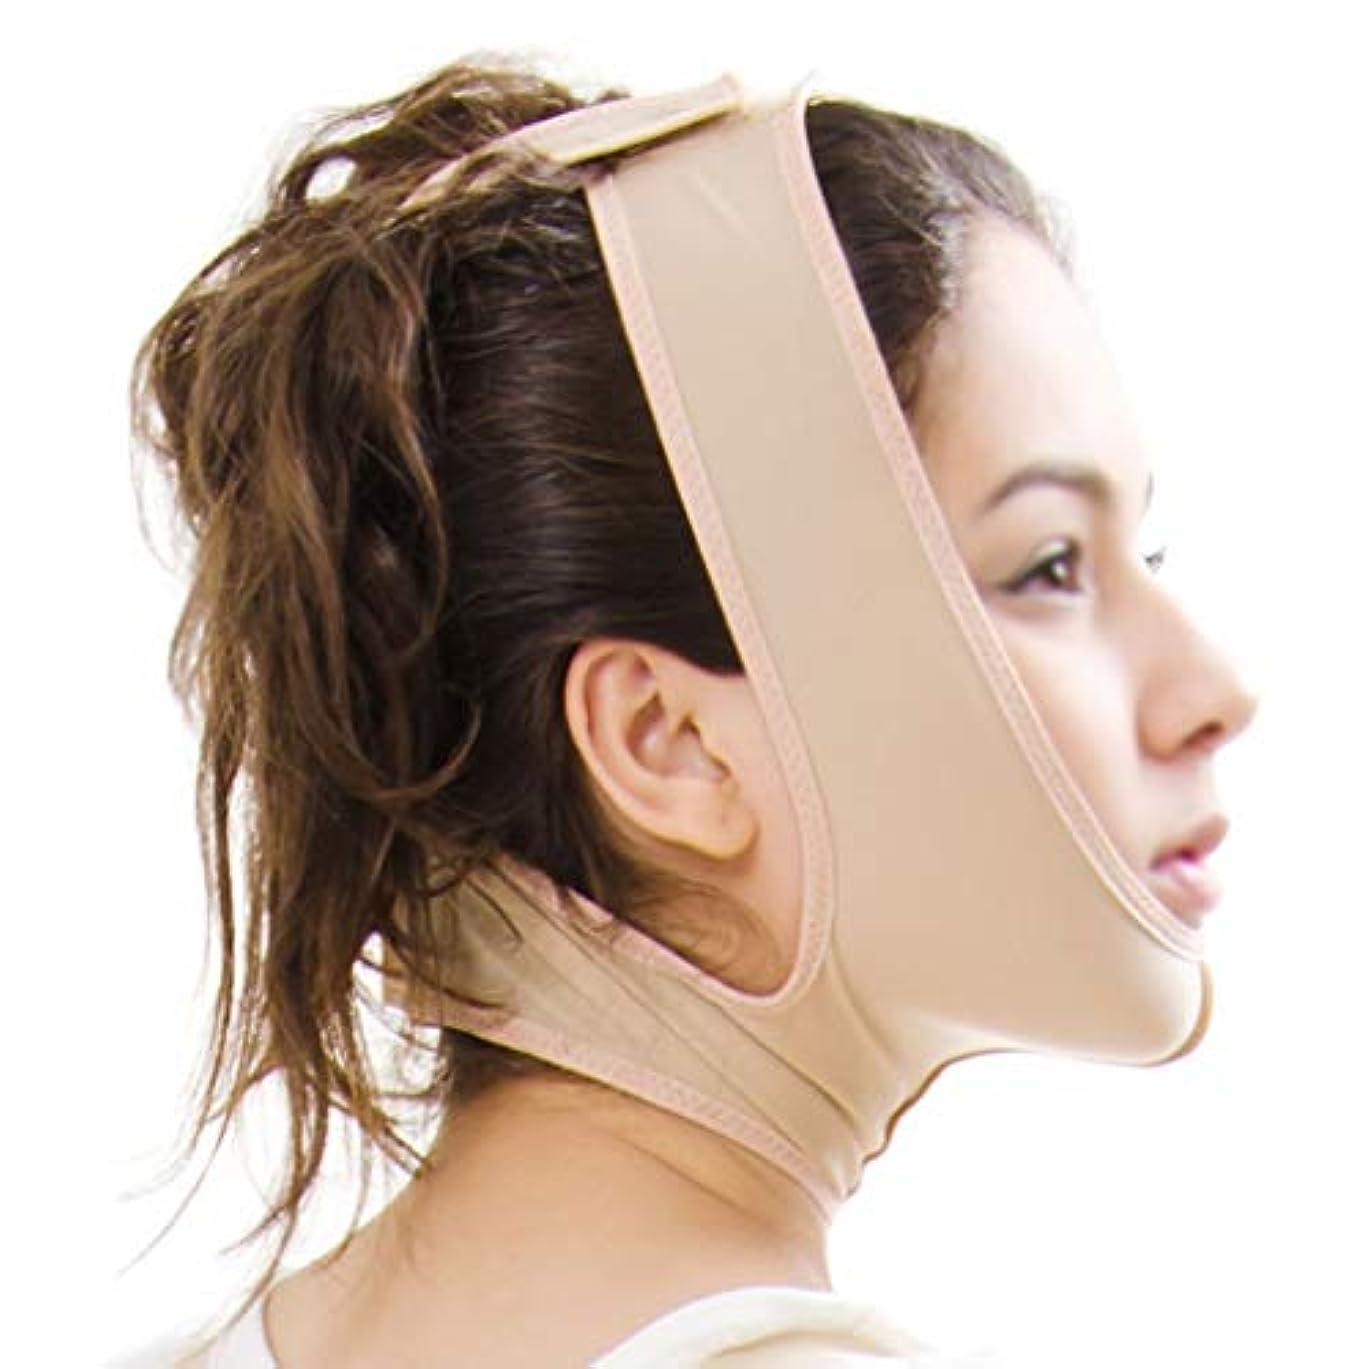 予言する本能地元GLJJQMY 顔面リフティング包帯あごの首と首の二重あごの脂肪吸引術後創傷マスク 顔用整形マスク (Size : S)